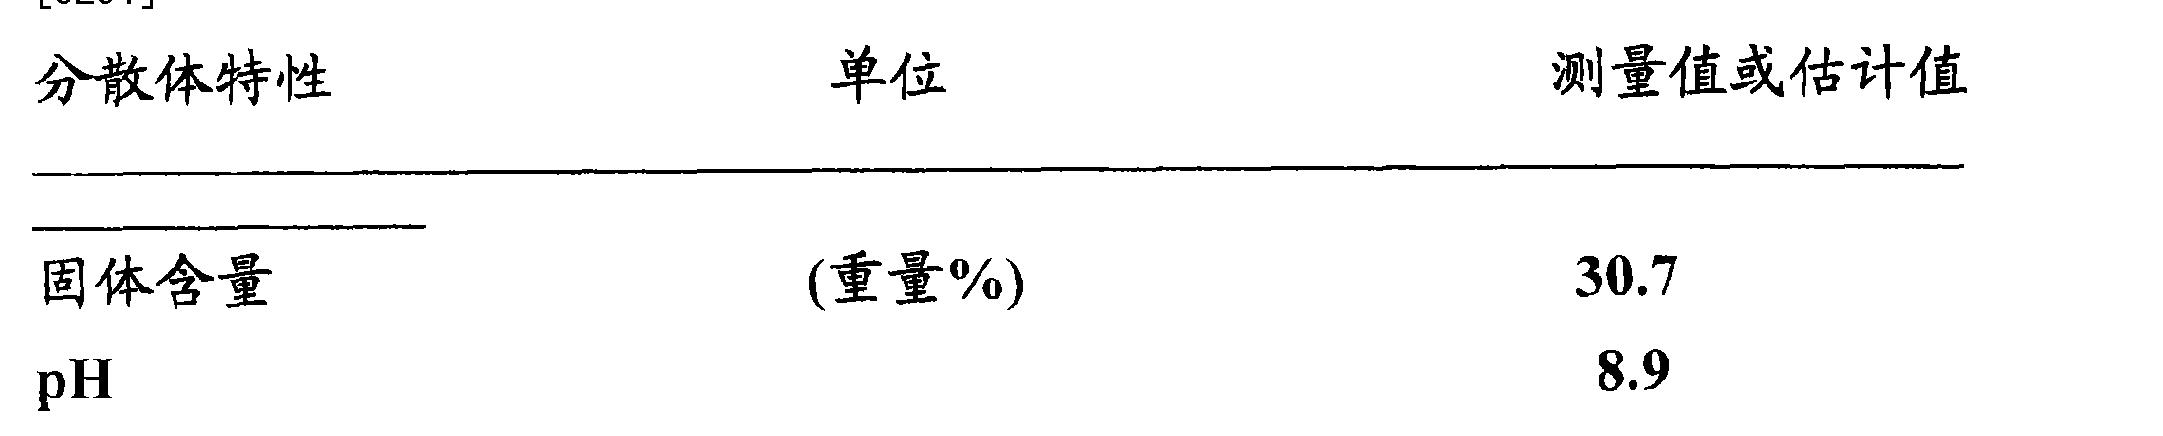 Figure CN101778870BD00302